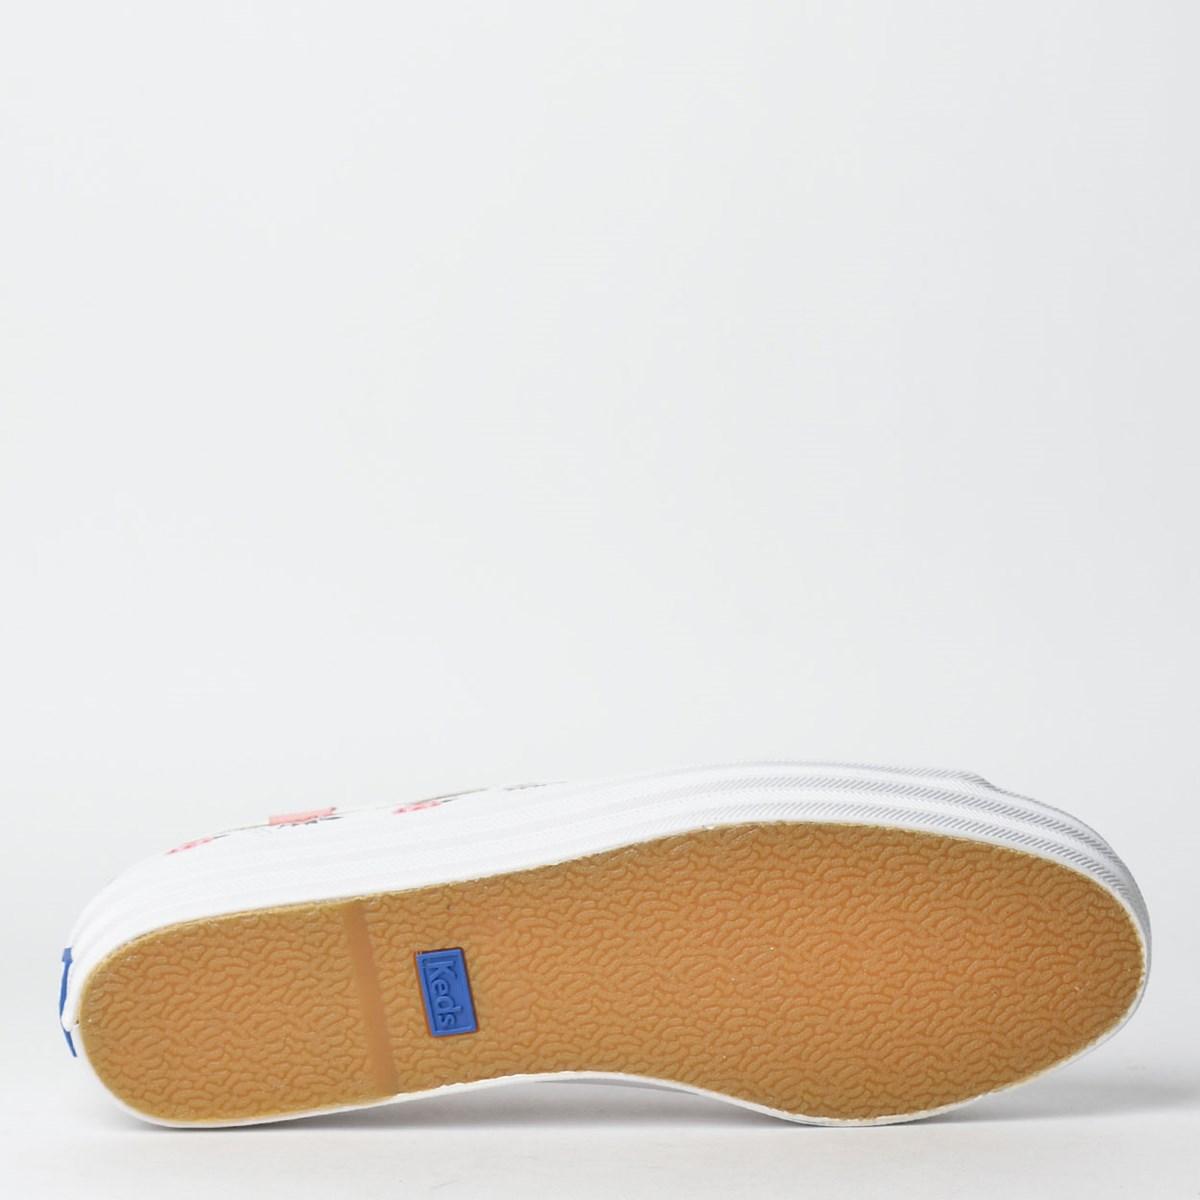 Tênis Keds Triple Kick Milla Branco KD1348002